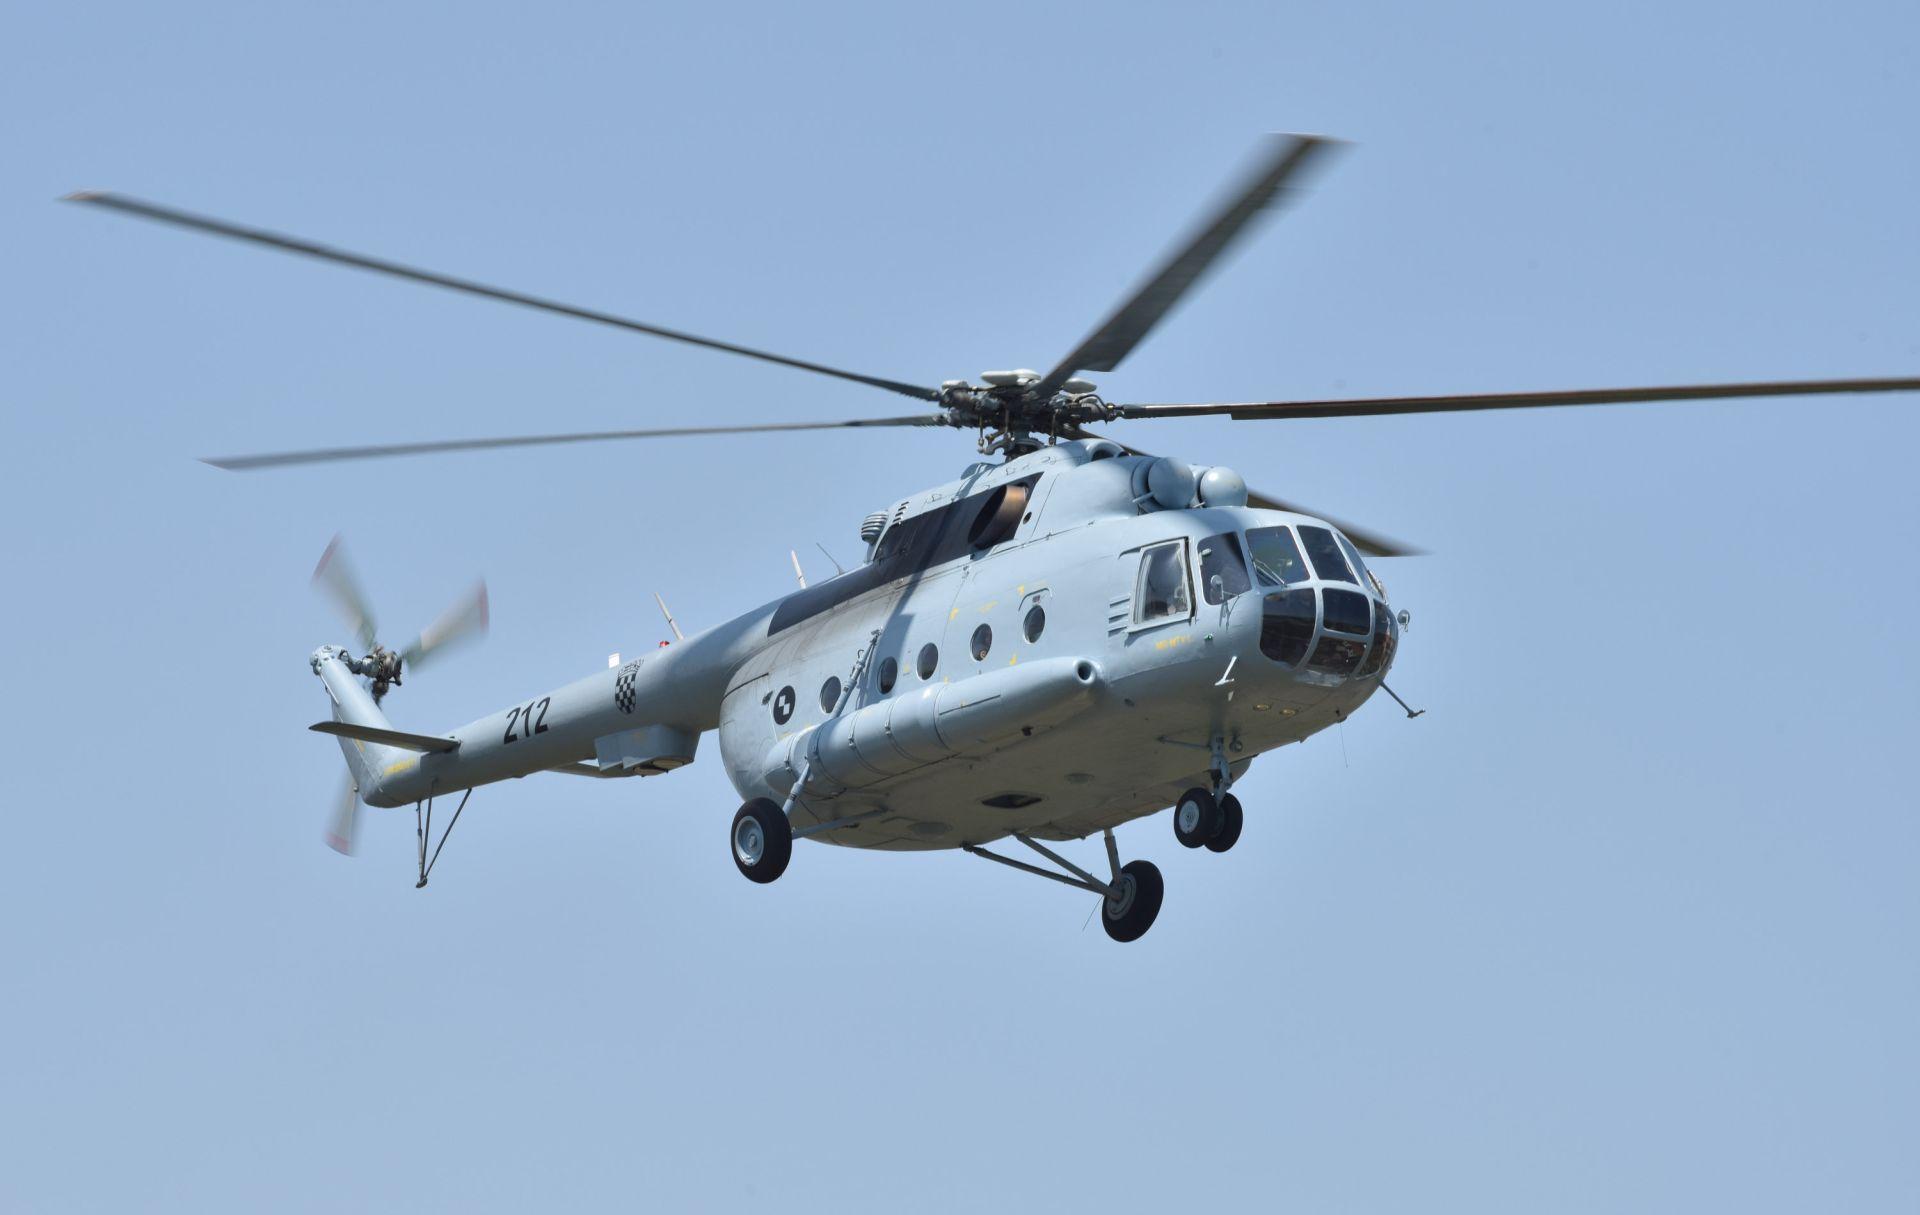 Helikopter Hrvatskog ratnog zrakoplovstva sudjelovao u akciji spašavanja planinara na Biokovu